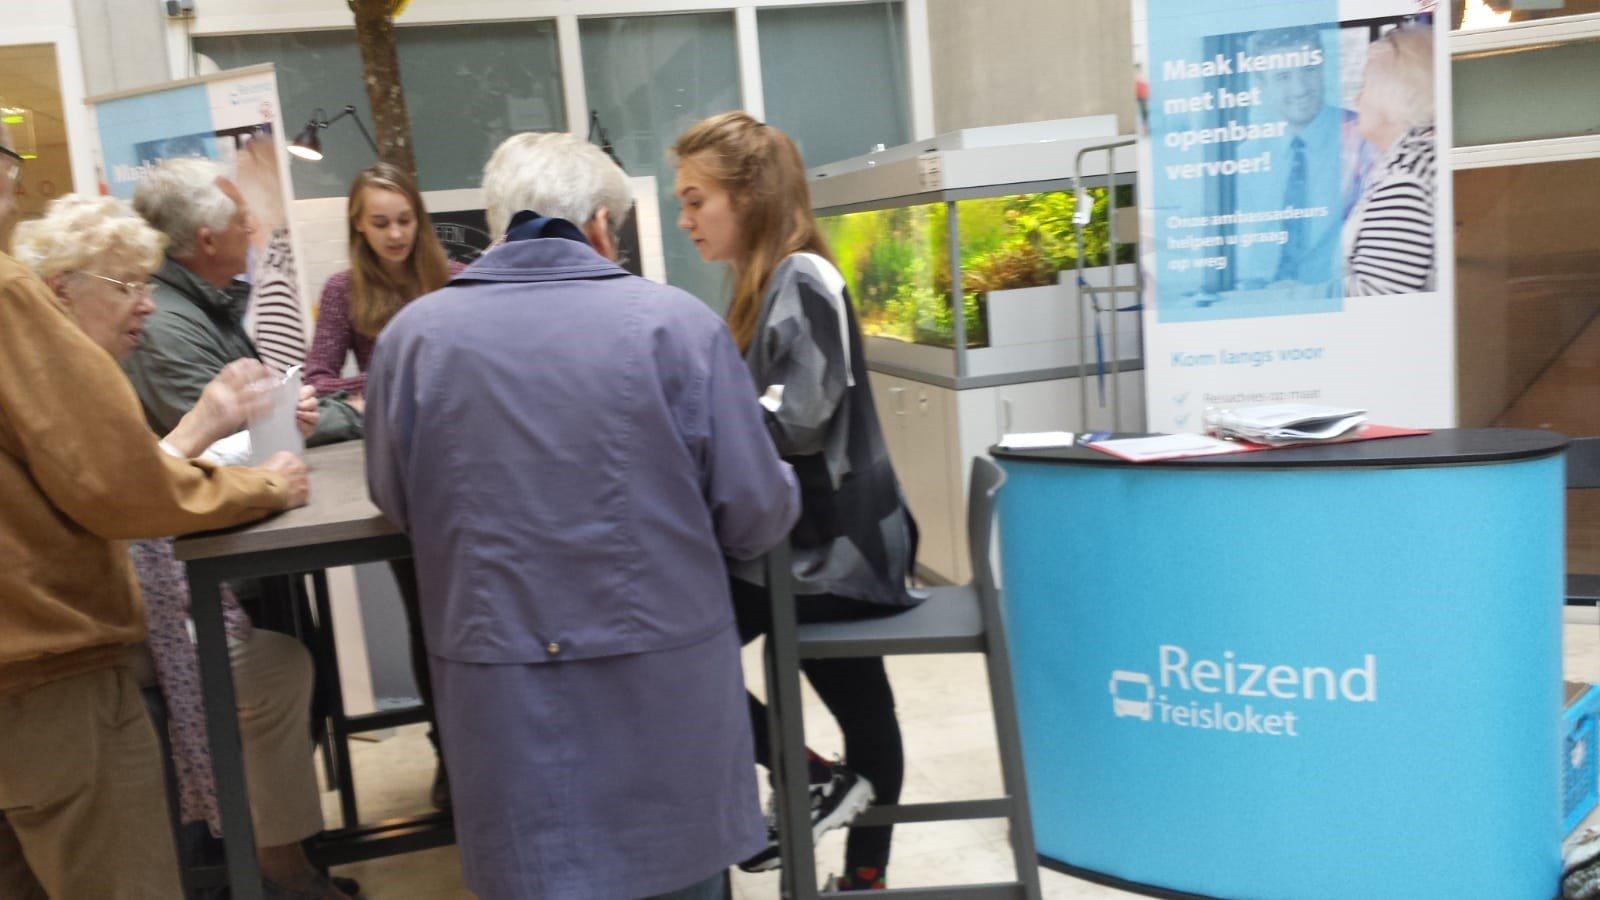 Met het Reisloket overtuigt u senioren het ov te gebruiken